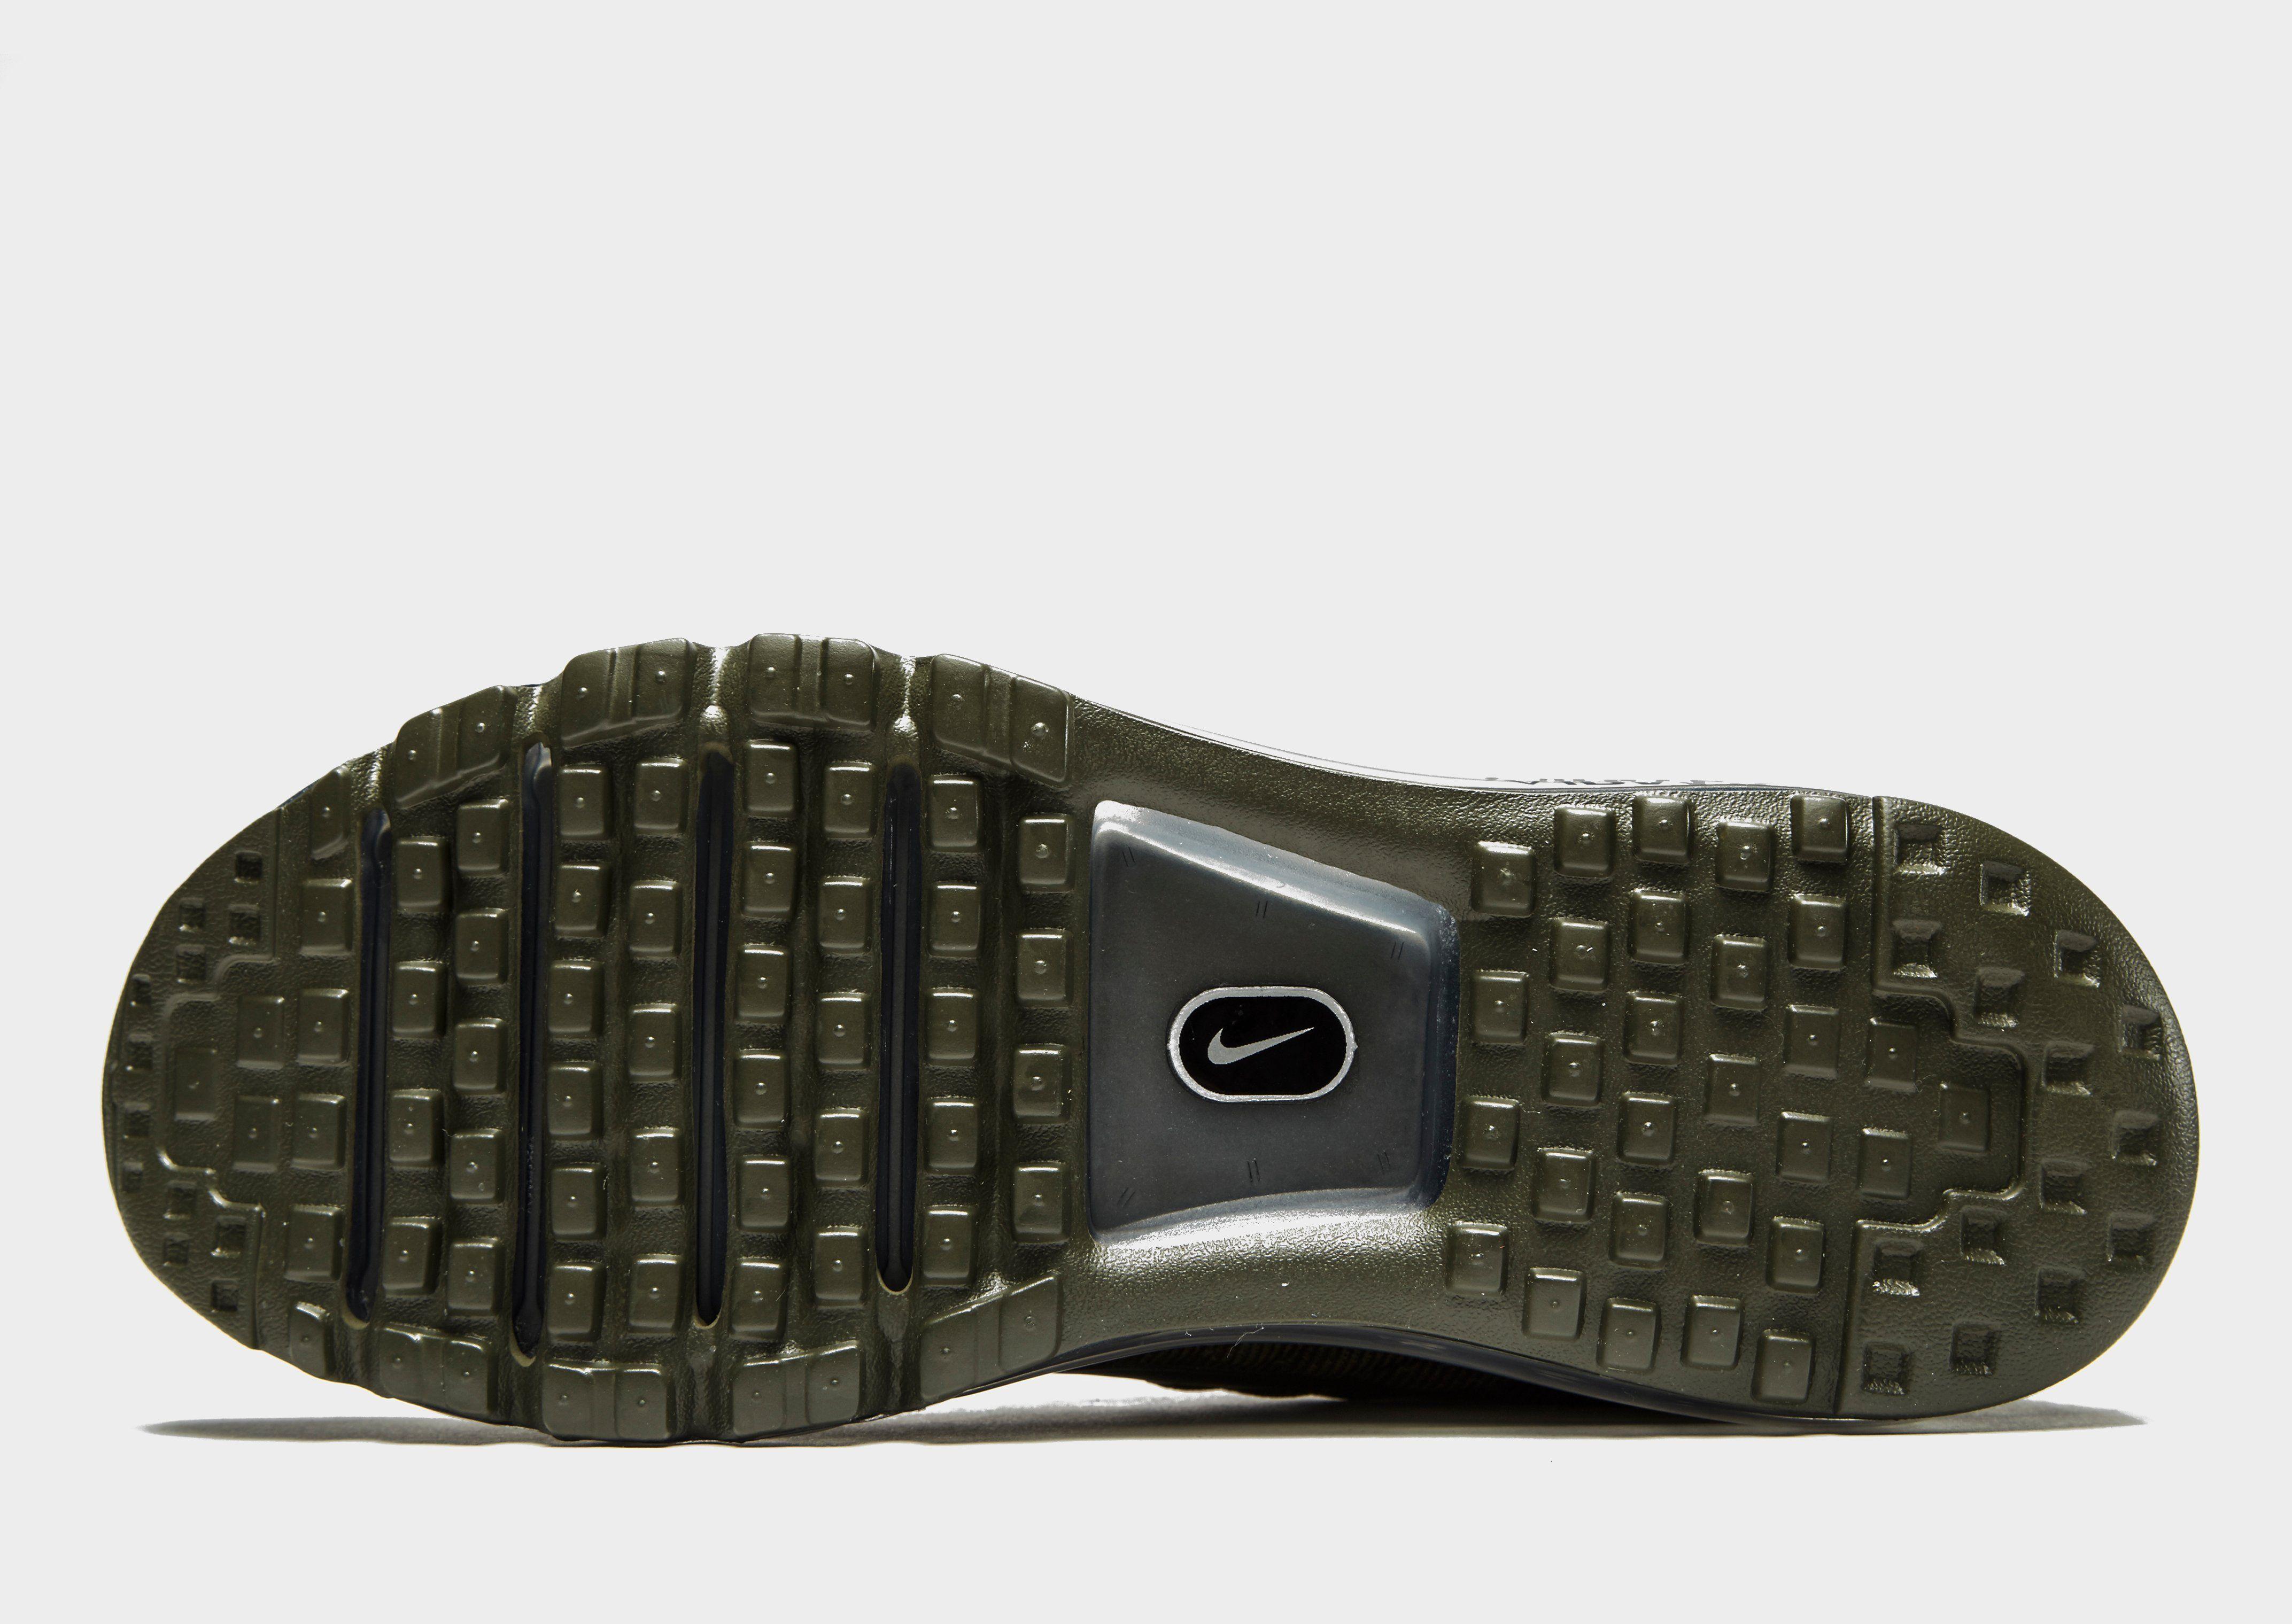 Nike Air Max '17